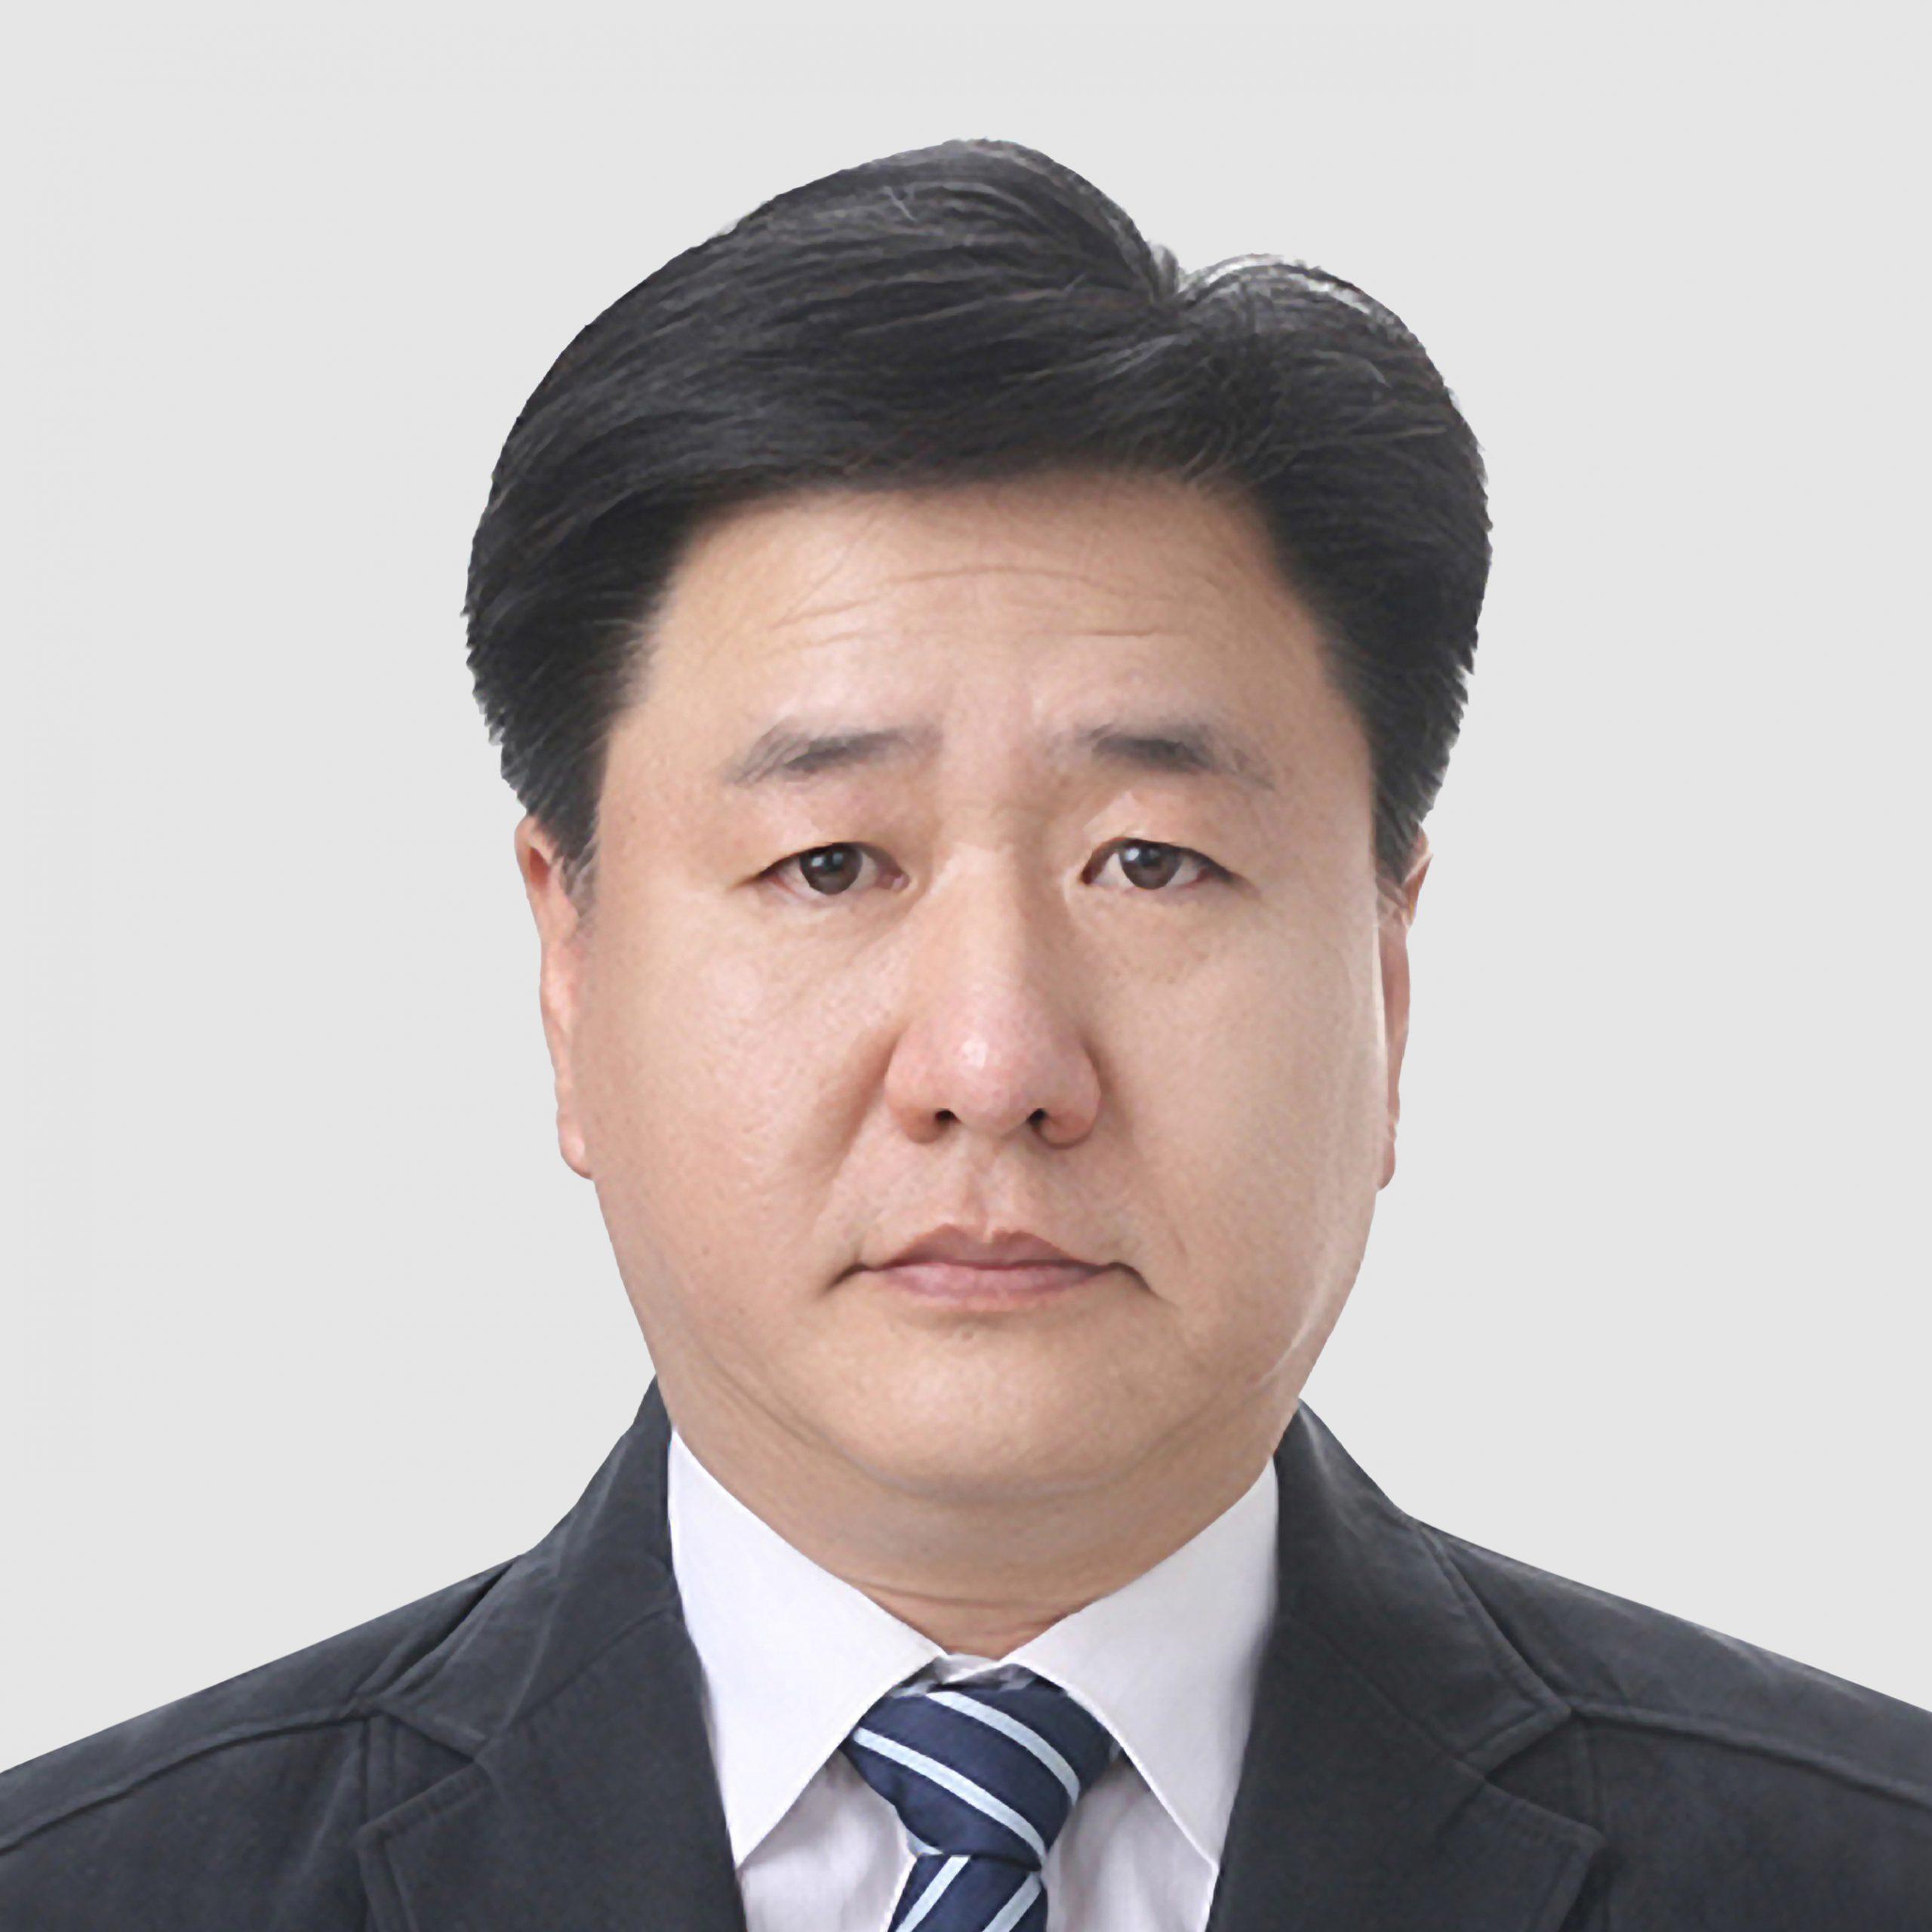 Joonhee (Albert) Lee est le directeur général, Essex Furukawa Magnet Wire China, un rôle qui se concentre sur l'industrie automobile avec un accent particulier sur les moteurs de traction. C'est un poste qu'il a occupé après l'achèvement de la coentreprise Essex Furukawa. Avant cela, Lee a passé quatre ans en tant que directeur exécutif de la technologie pour Essex Magnet Wire et au cours du dernier quart de siècle, Lee a été impliqué dans le développement de nouvelles technologies en mettant l'accent sur l'industrie automobile. Il a amélioré la conception des propriétés des fils magnétiques pour les applications motrices, ainsi que des propriétés améliorées pour l'émaillage. Lee a obtenu sa maîtrise en chimie industrielle à l'Université nationale de Kyungpook en Corée du Sud.